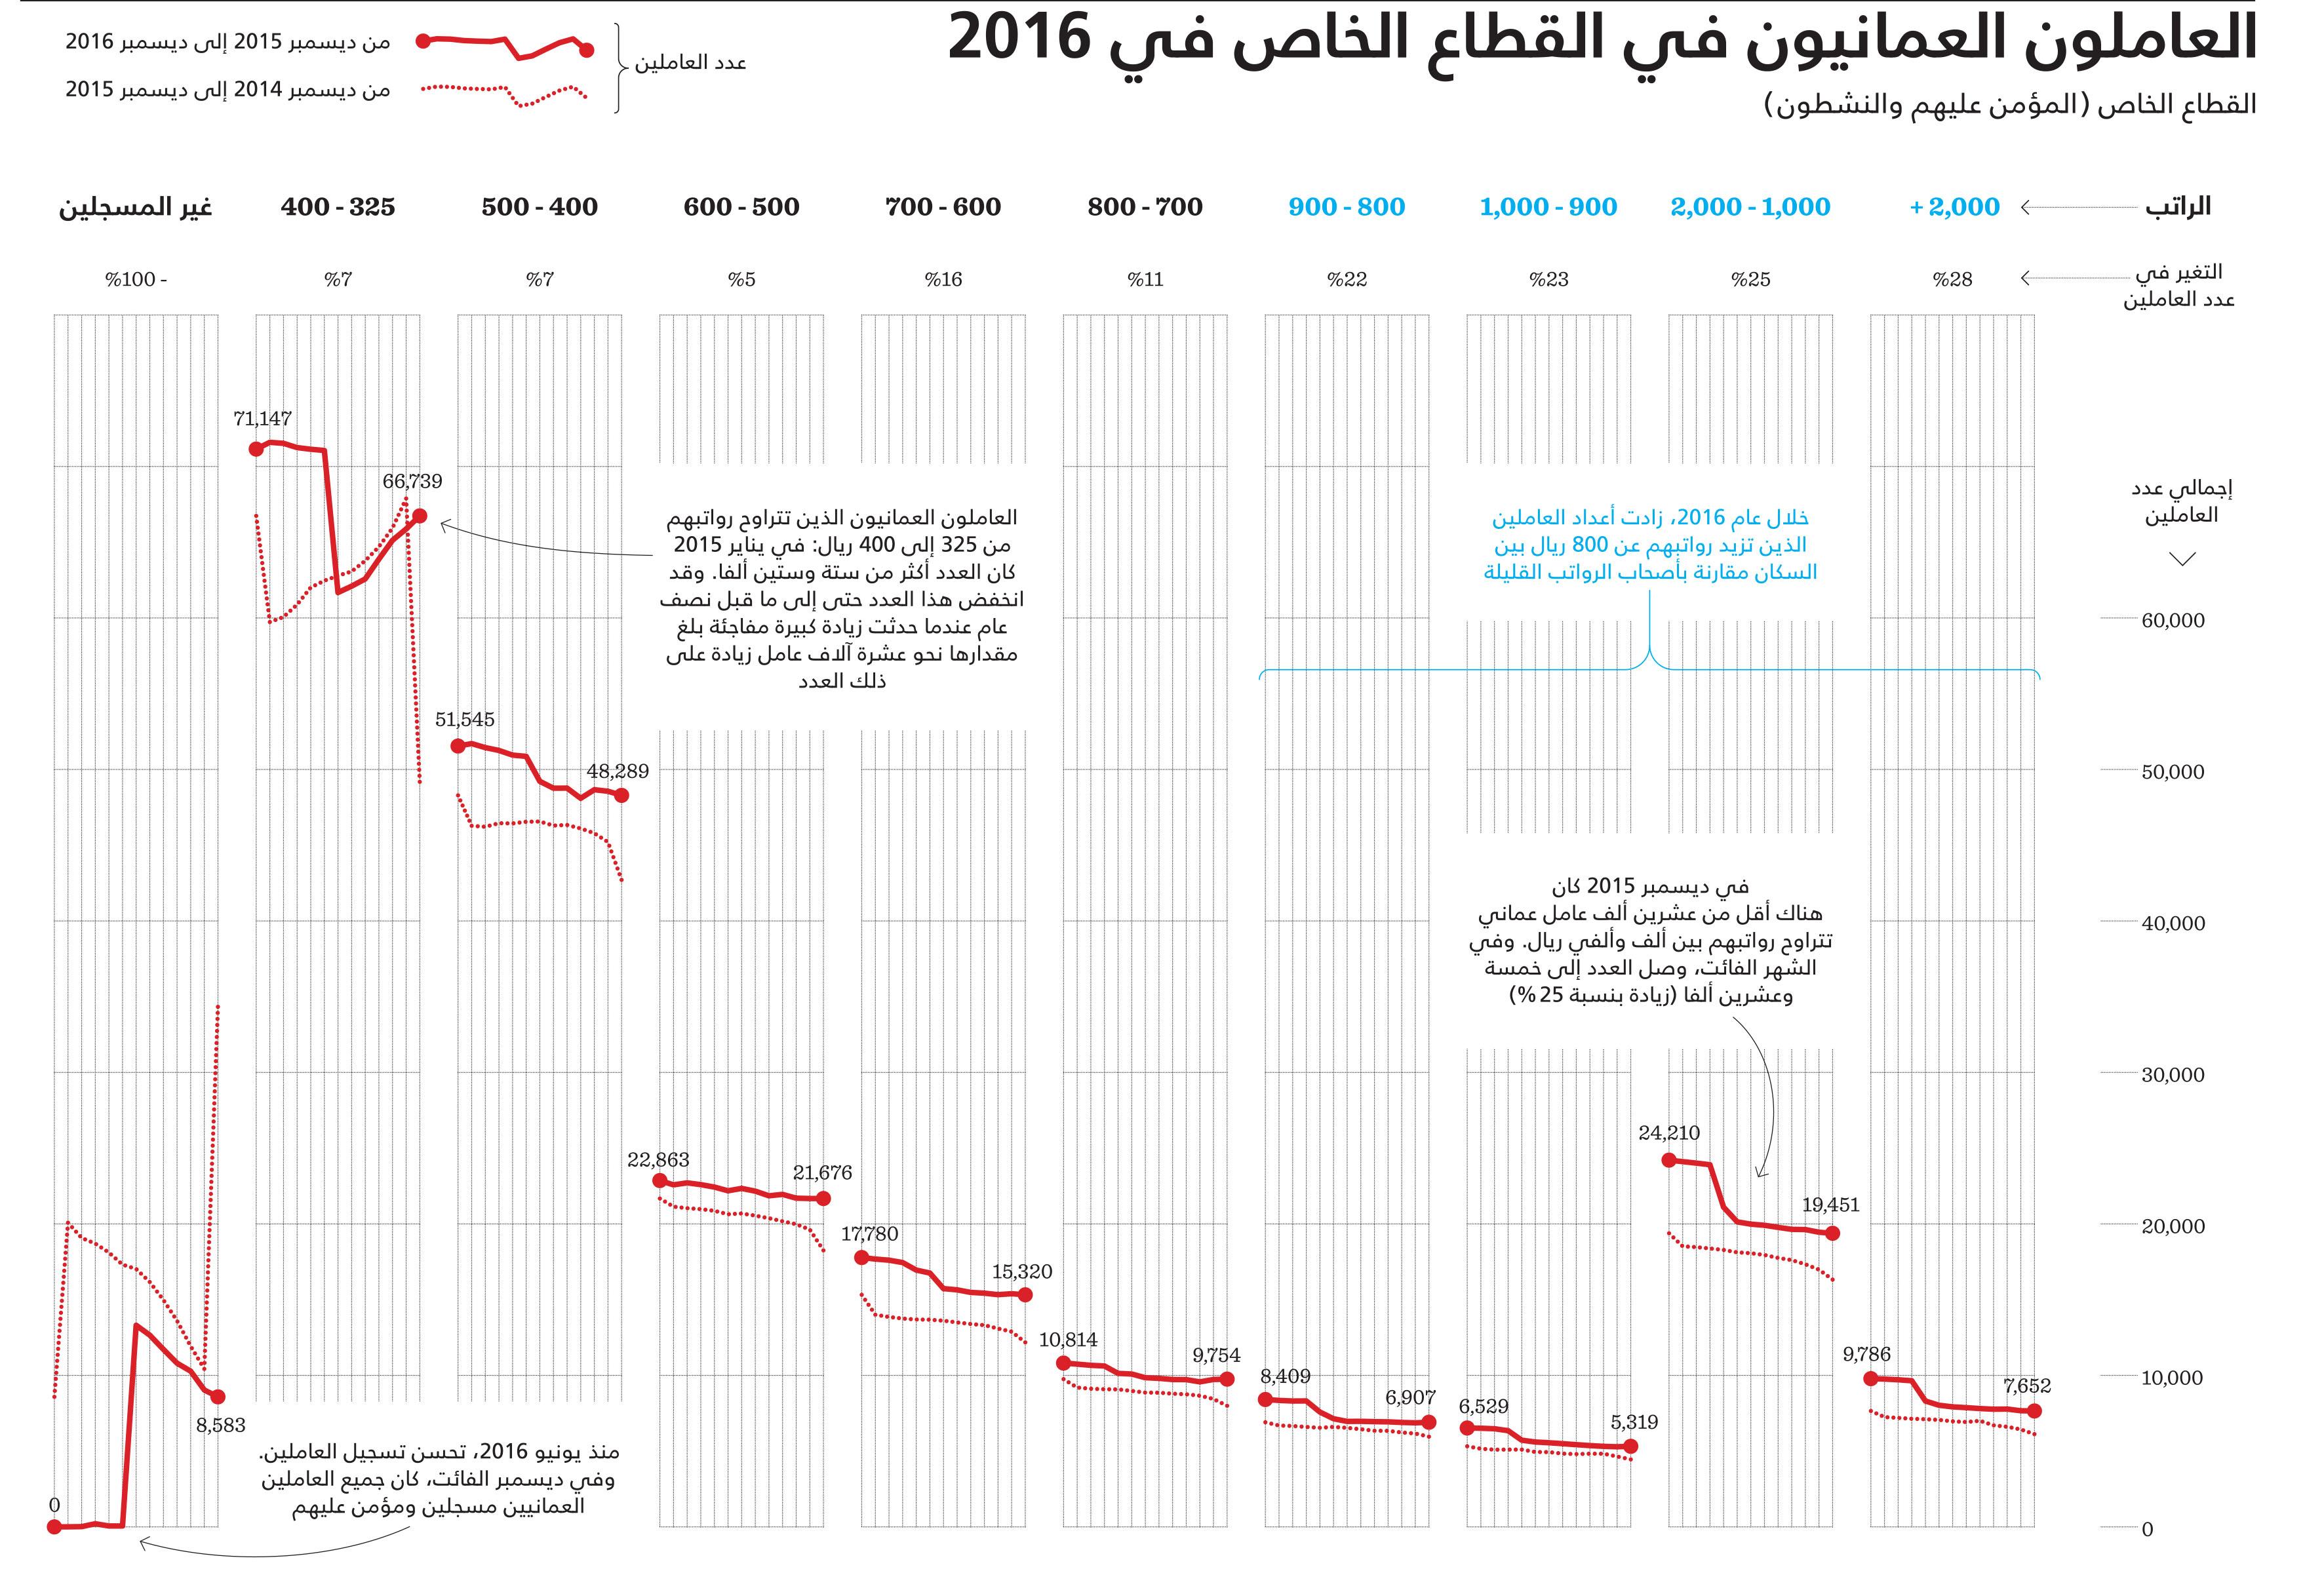 القطاع الخاص يستقطب عدداً أكبر من العمانيين